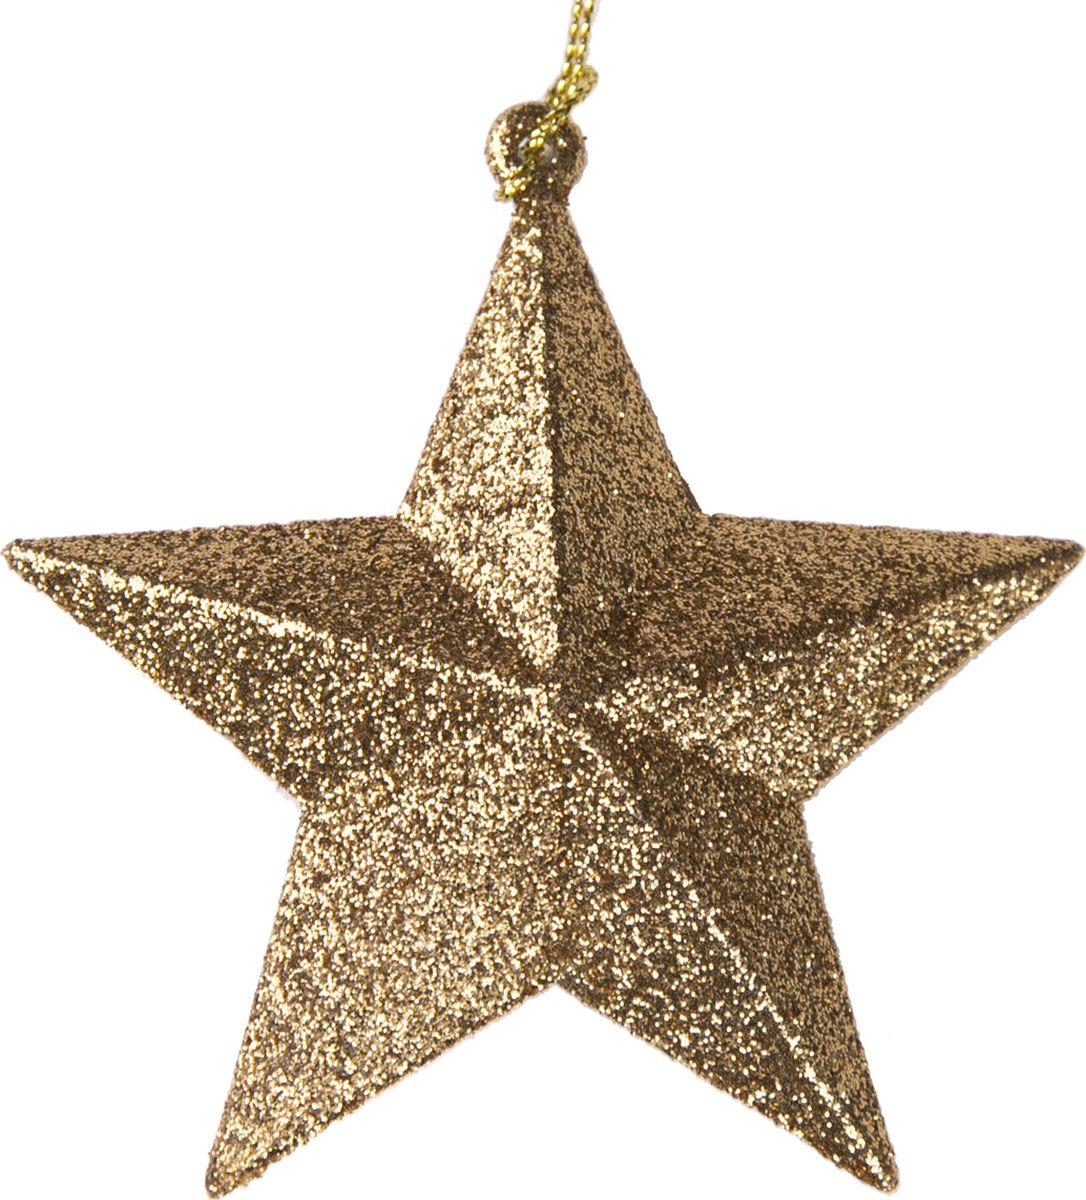 Новогоднее подвесное елочное украшение Magic Time Звезда, цвет: золотой, 10 x 9,5 x 3,5 см украшение новогоднее подвесное magic time морозная звезда 8 см